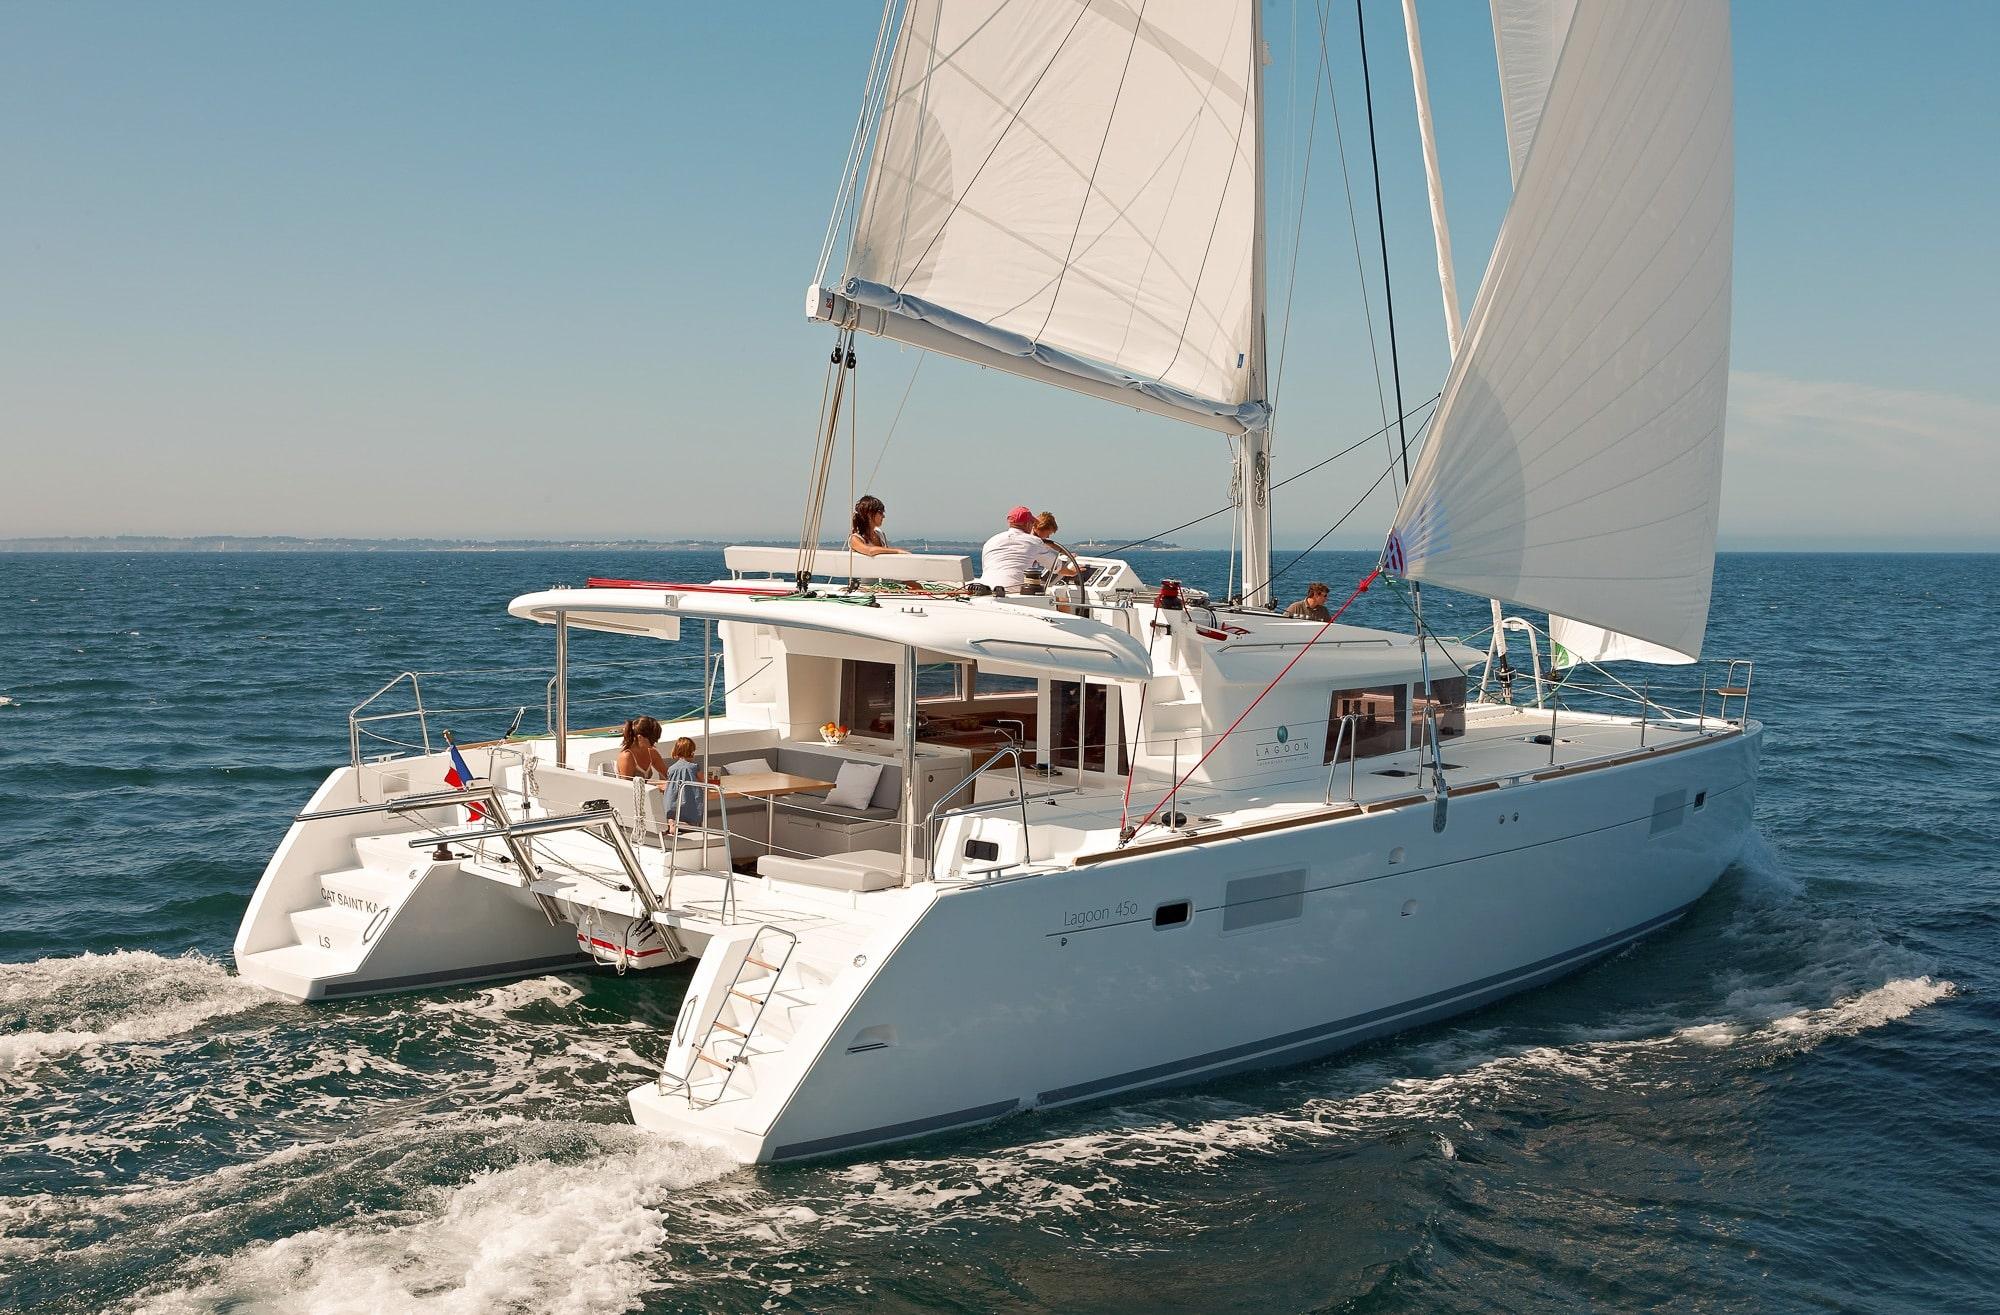 Lagoon 450 friends sailing